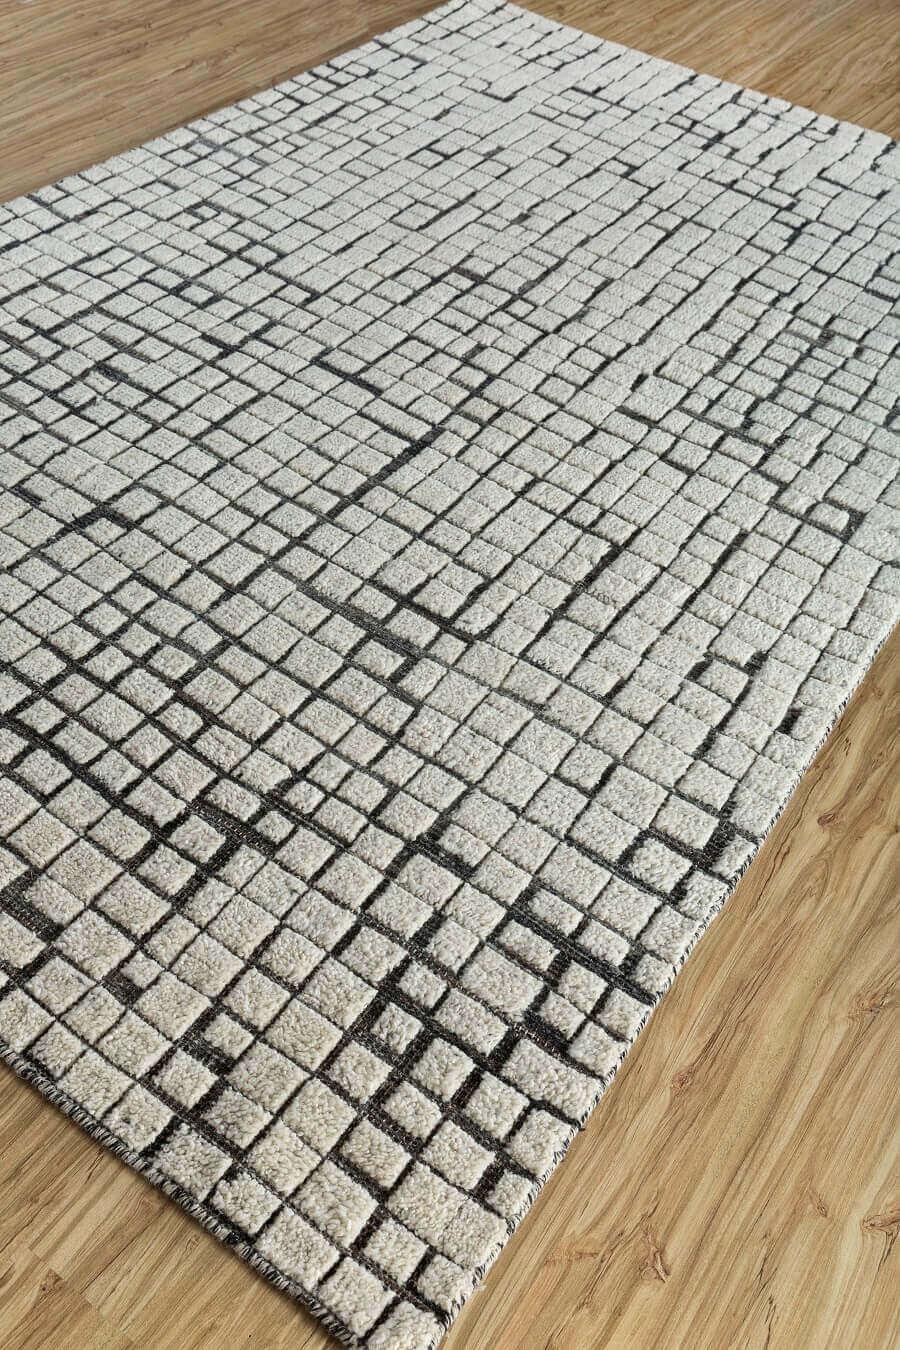 natural-color-rug-or-carpet-buy-online